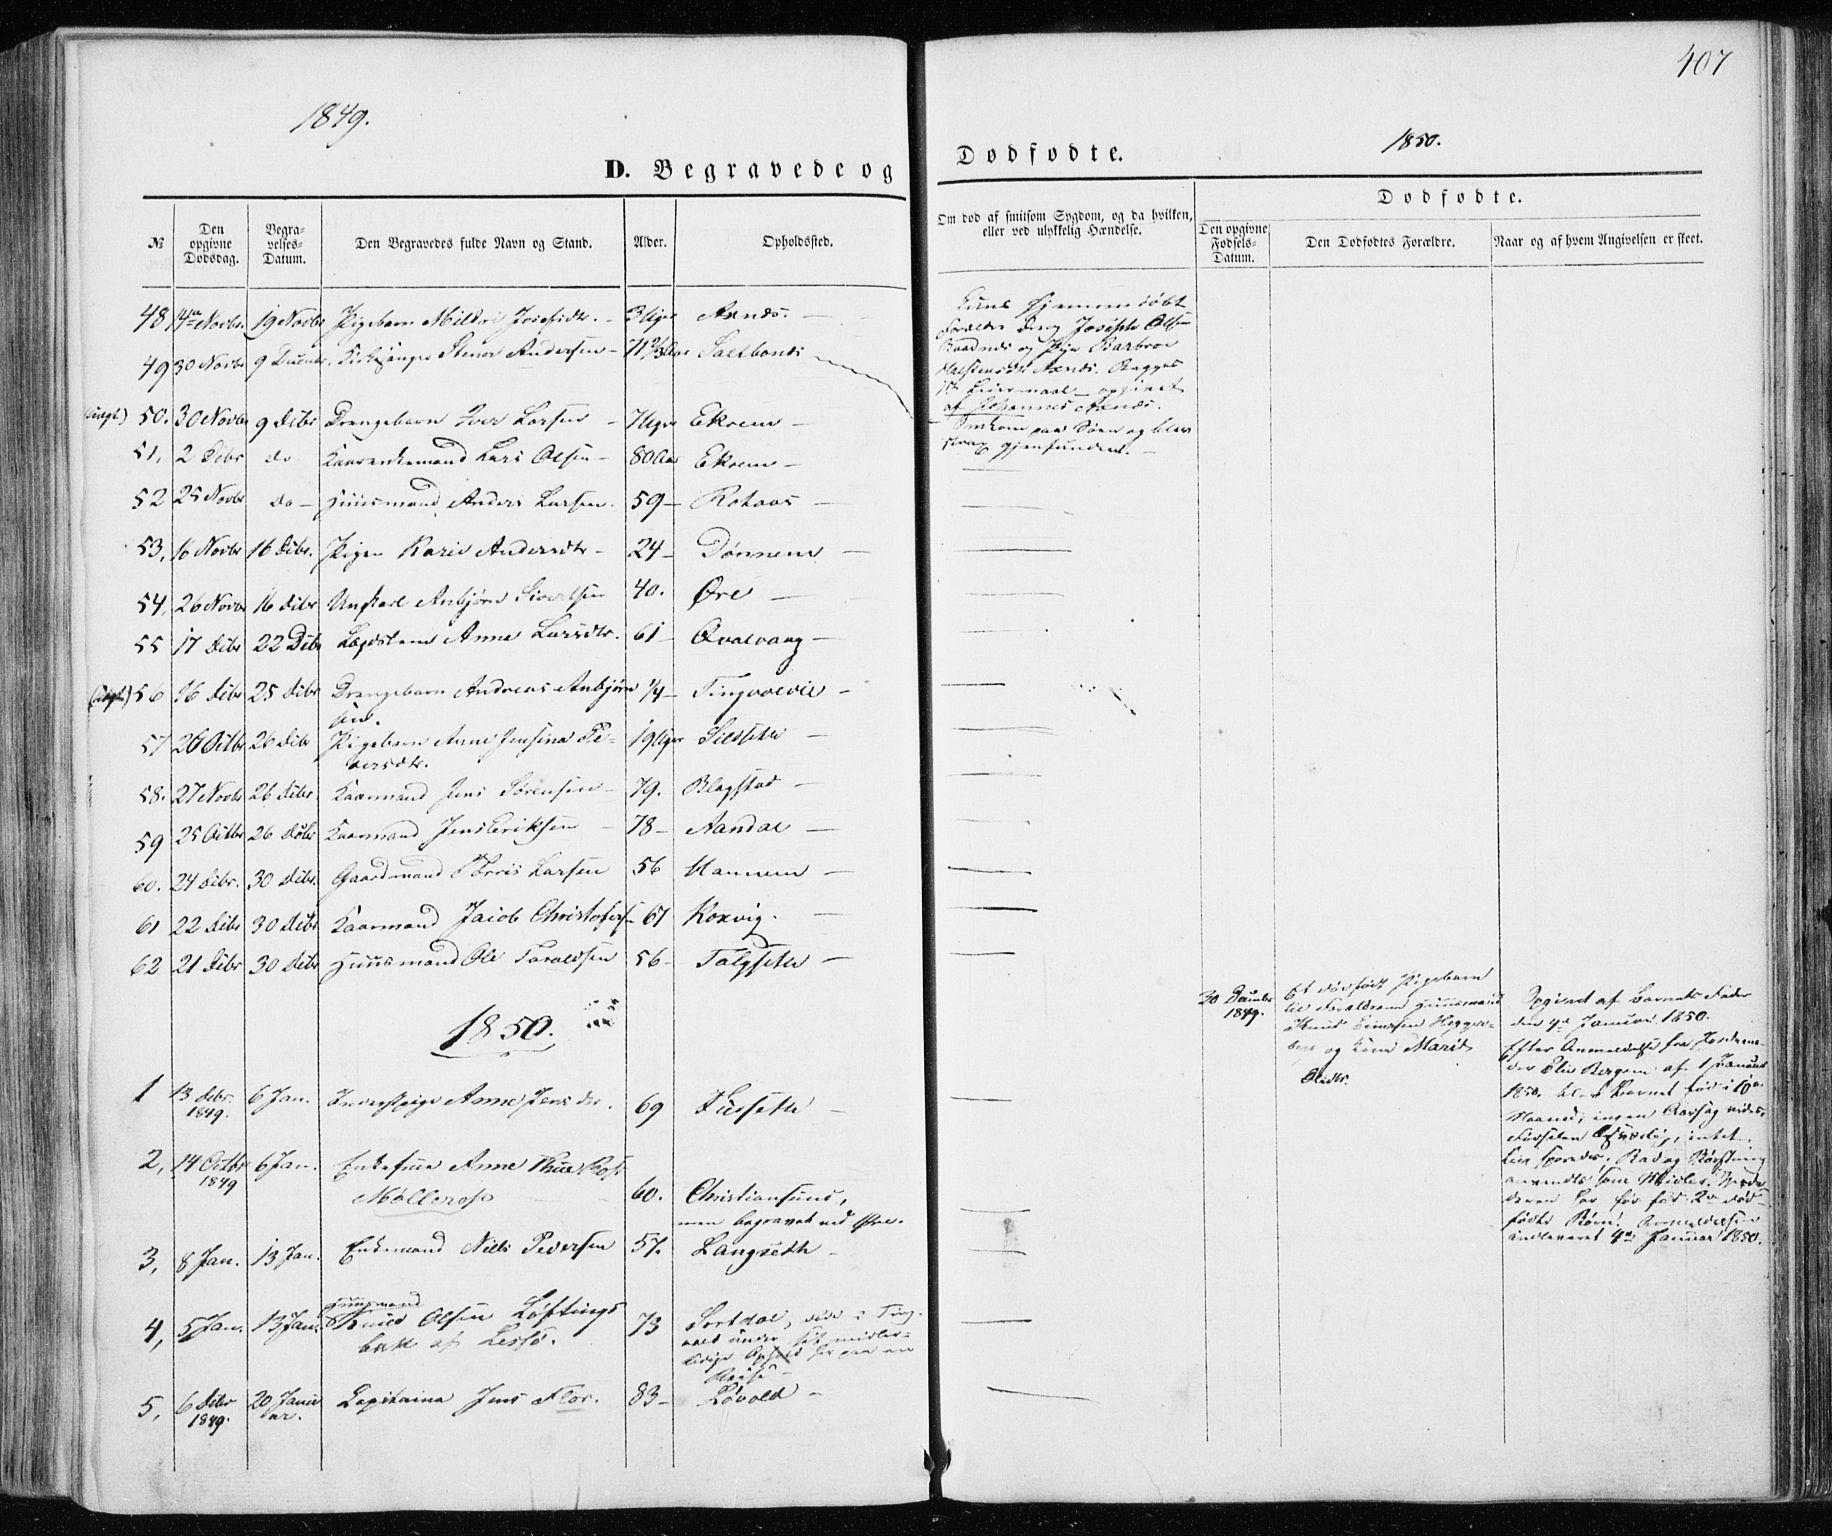 SAT, Ministerialprotokoller, klokkerbøker og fødselsregistre - Møre og Romsdal, 586/L0984: Ministerialbok nr. 586A10, 1844-1856, s. 407